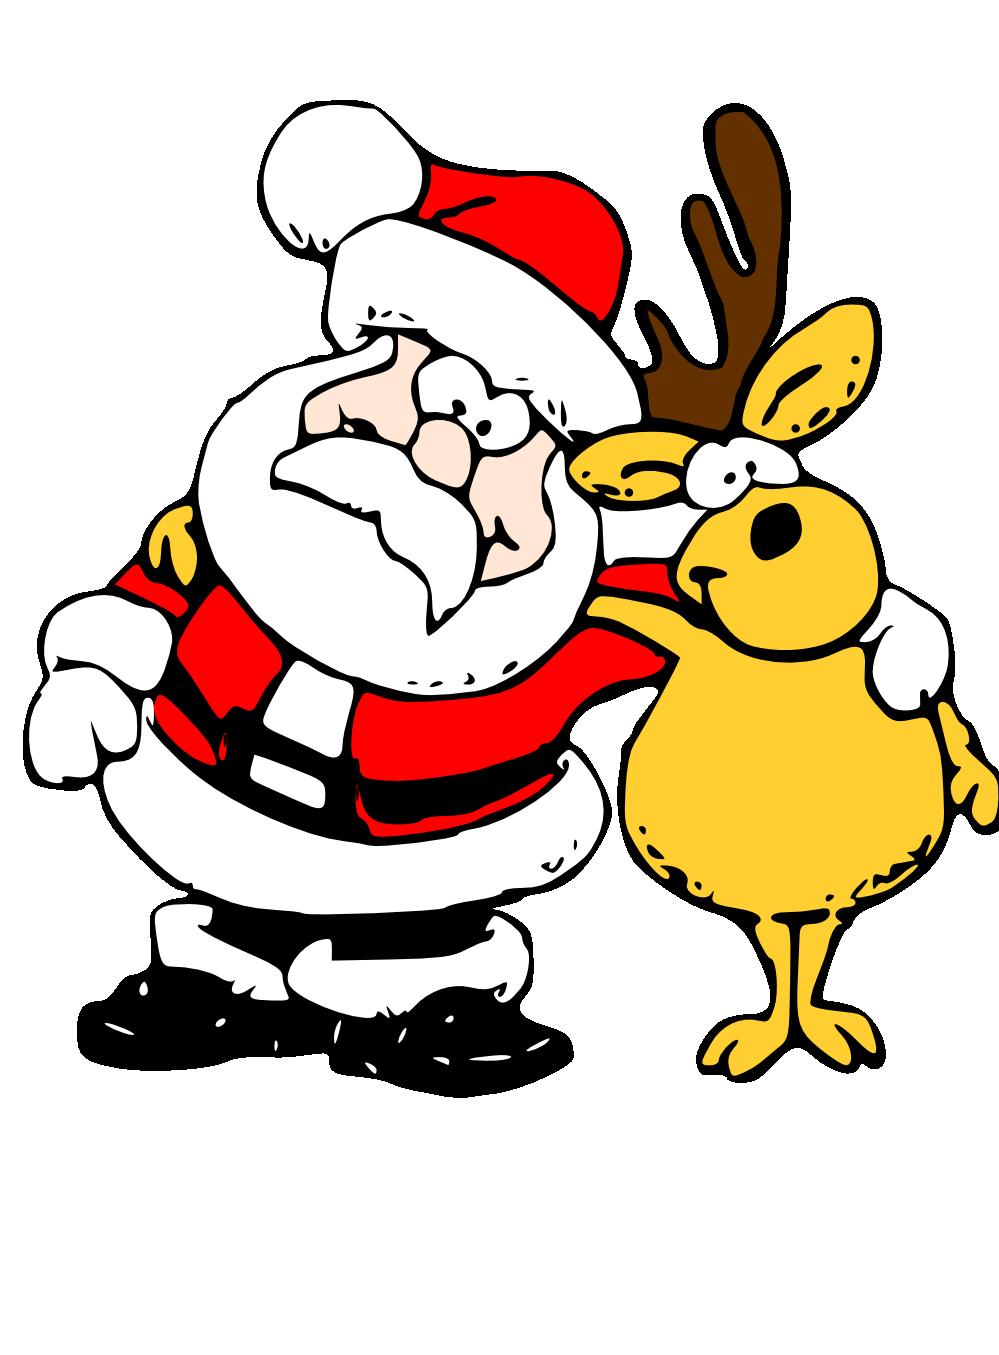 Santa clipart bowling, Santa bowling Transparent FREE for.